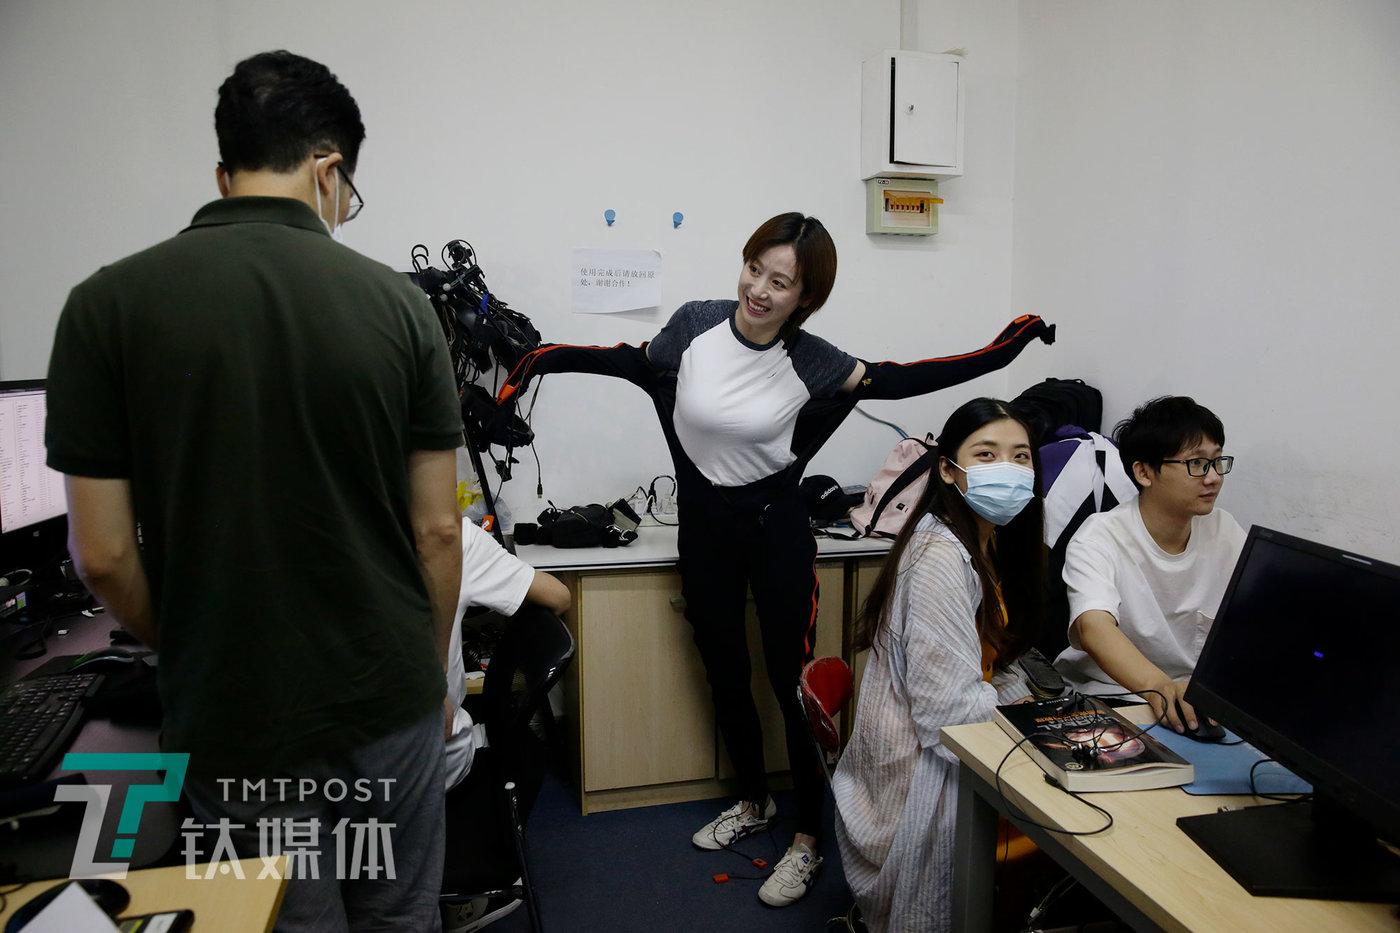 表演结束,莫妮卡准备在办公室脱下动捕服。